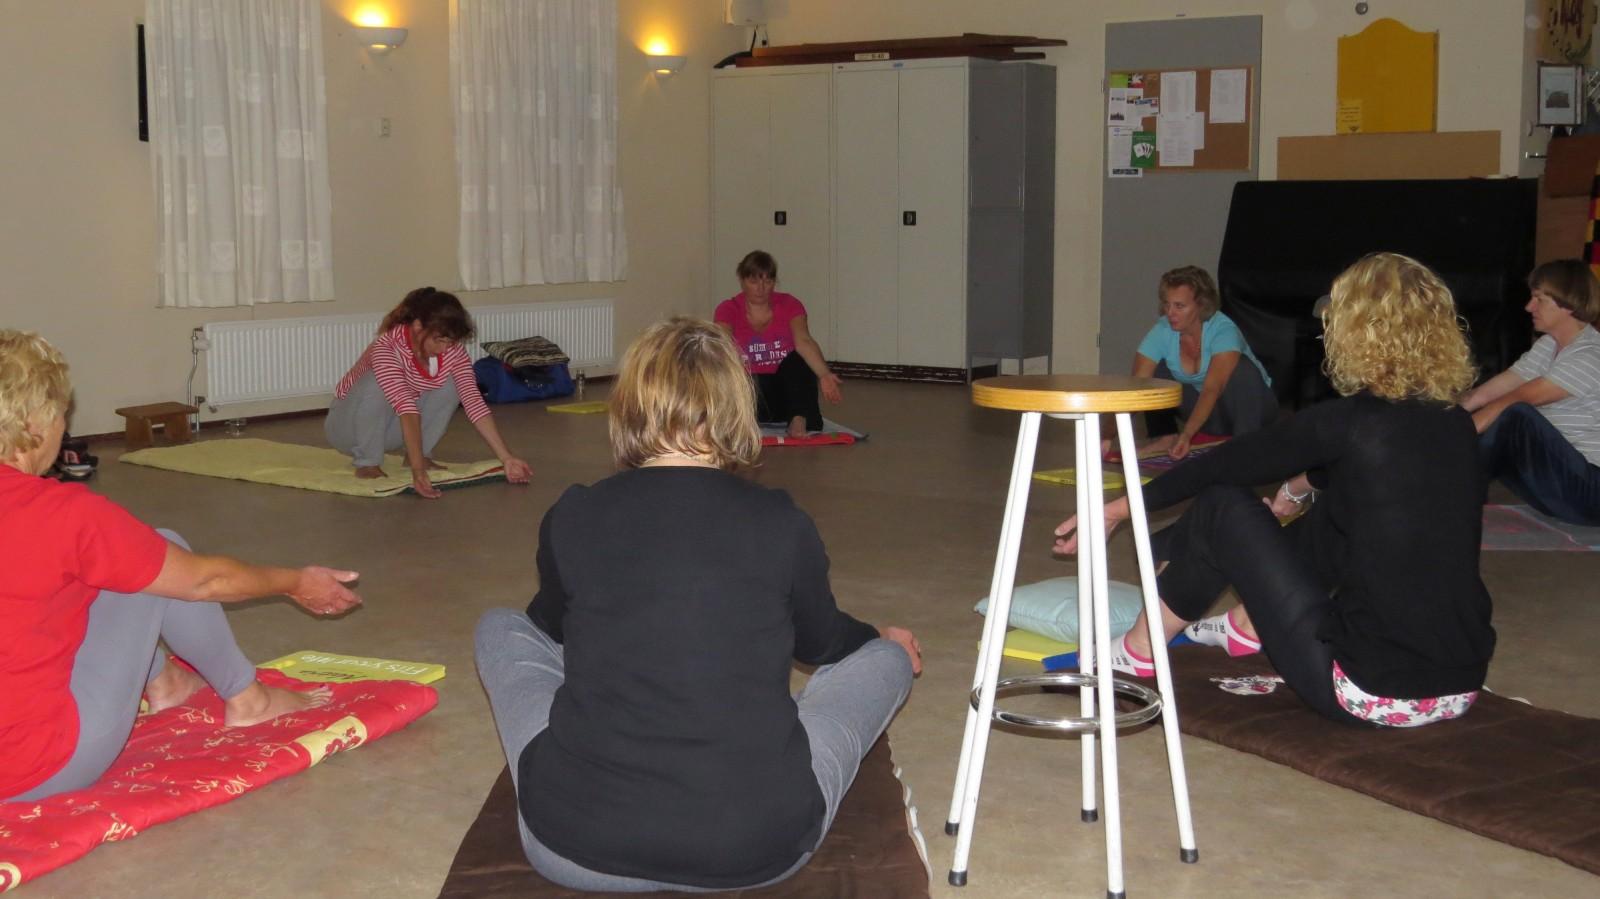 Yoga 2013d0917t0929 qzh ZoetermeerS Gaardedreef (Patio)